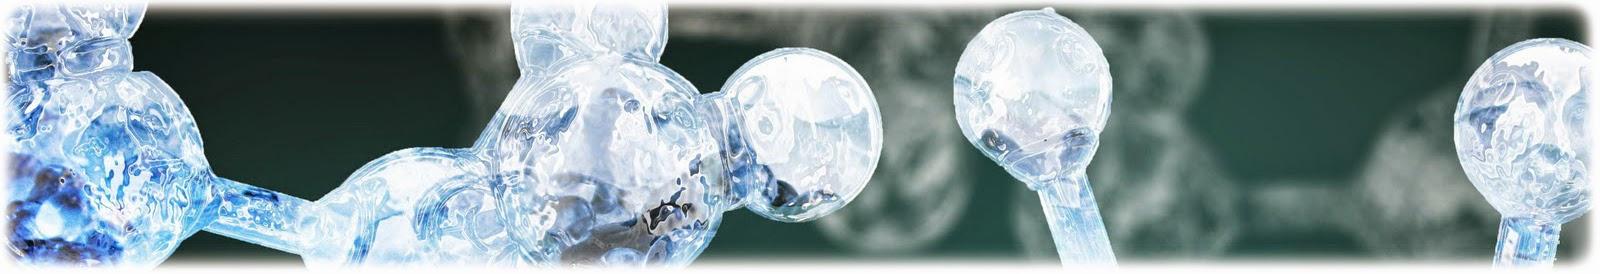 dios y la ciencia moleculas